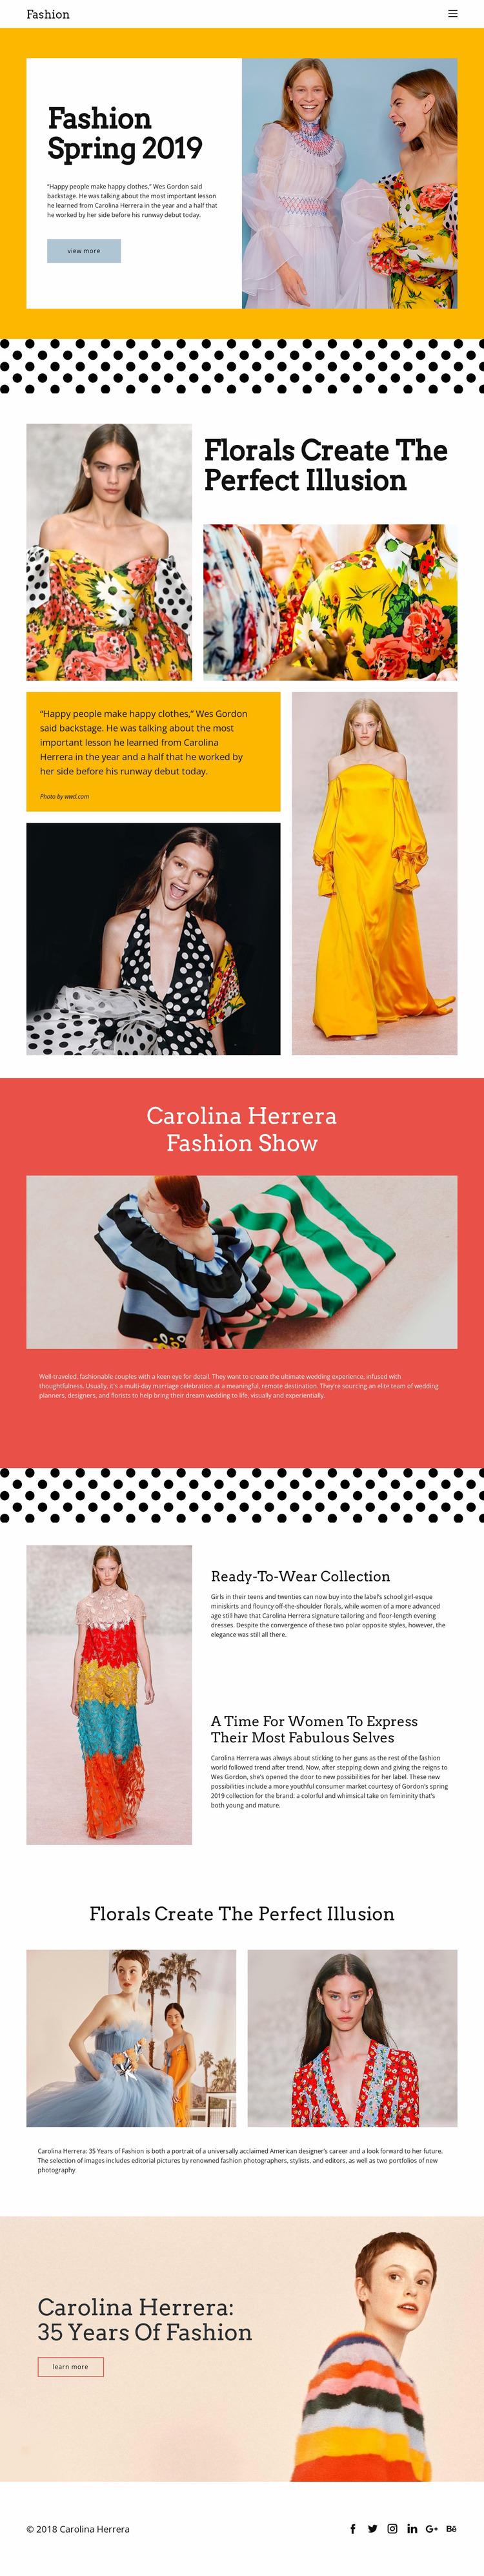 Fashion Spring Website Mockup